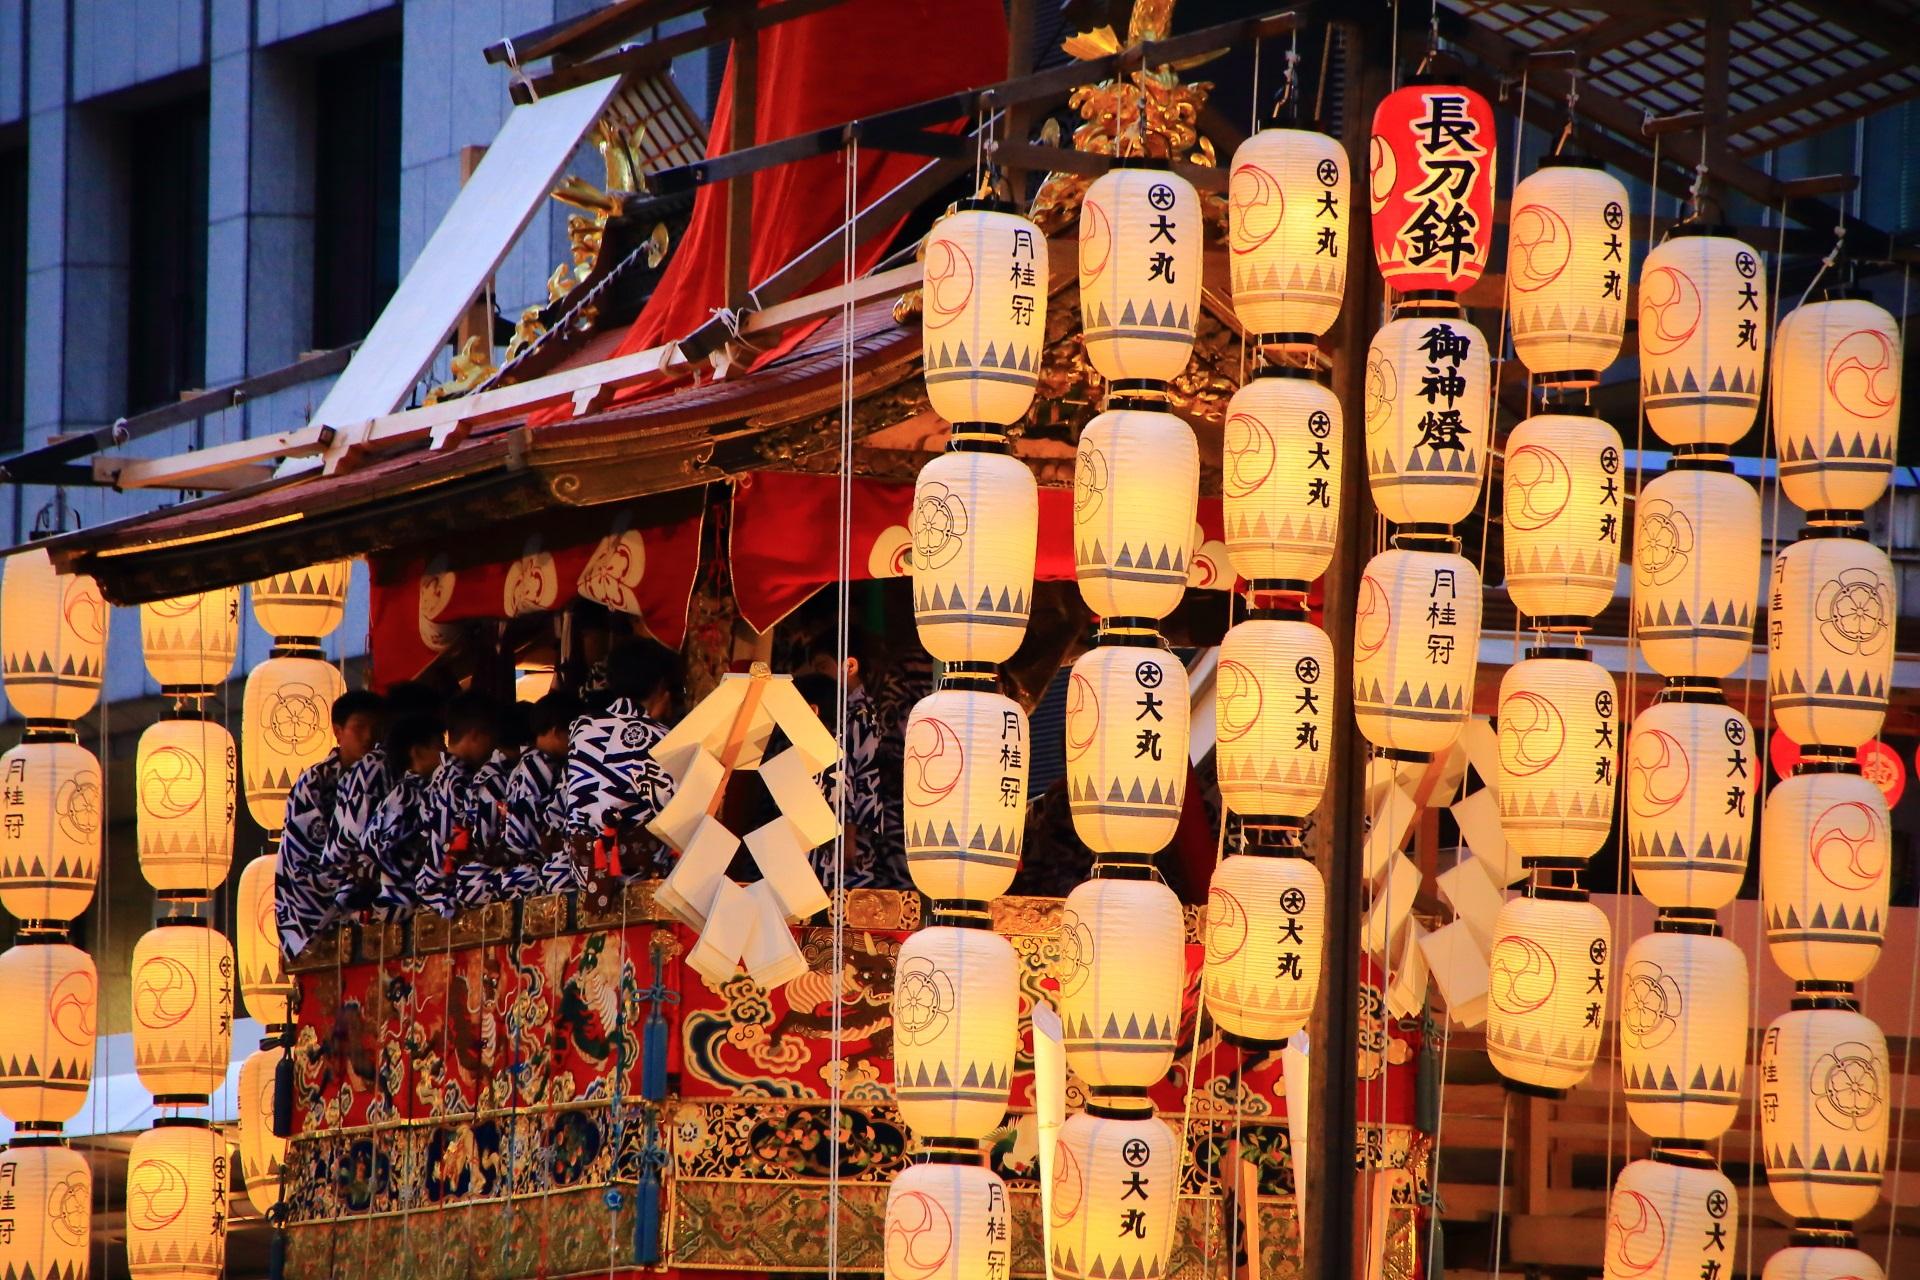 暑すぎる夏の風物詩のコンチキチンの祇園囃子